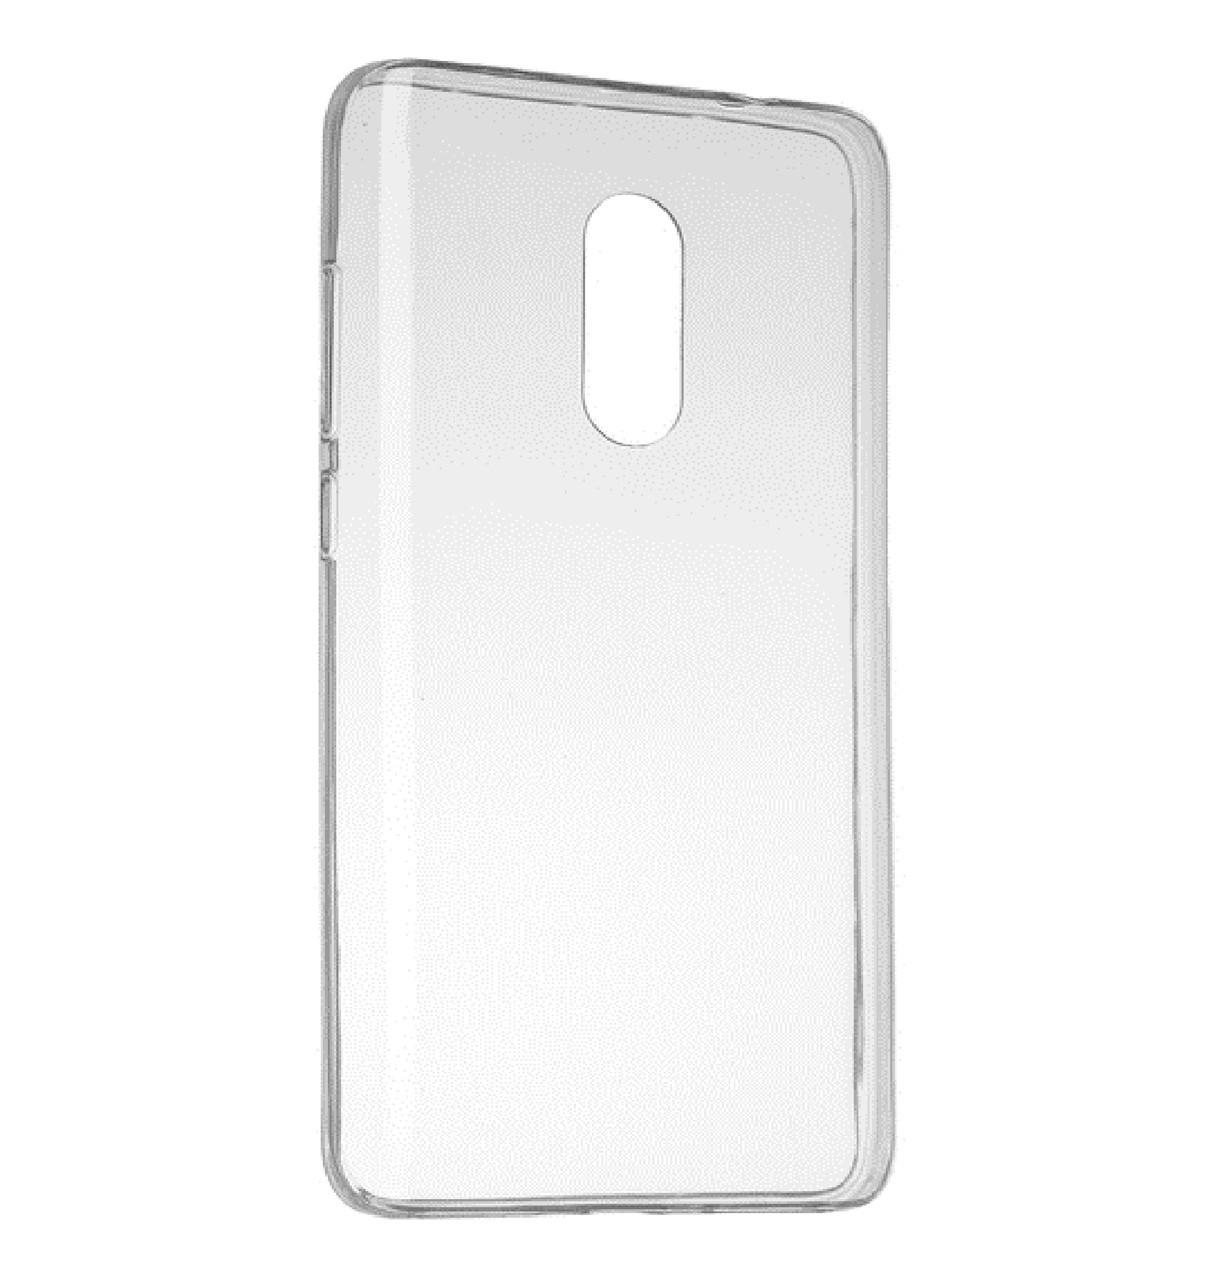 Силиконовый чехол (силиконовая накладка) DIGI TPU на Xiaomi Redmi Note 4 (MTK) CleanGrid Transparent